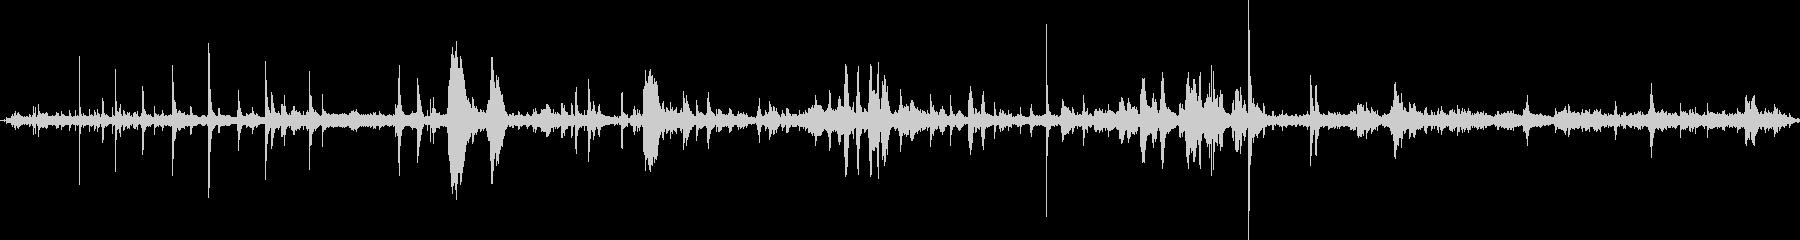 大宴会場:乗組員のセットアップ:声...の未再生の波形